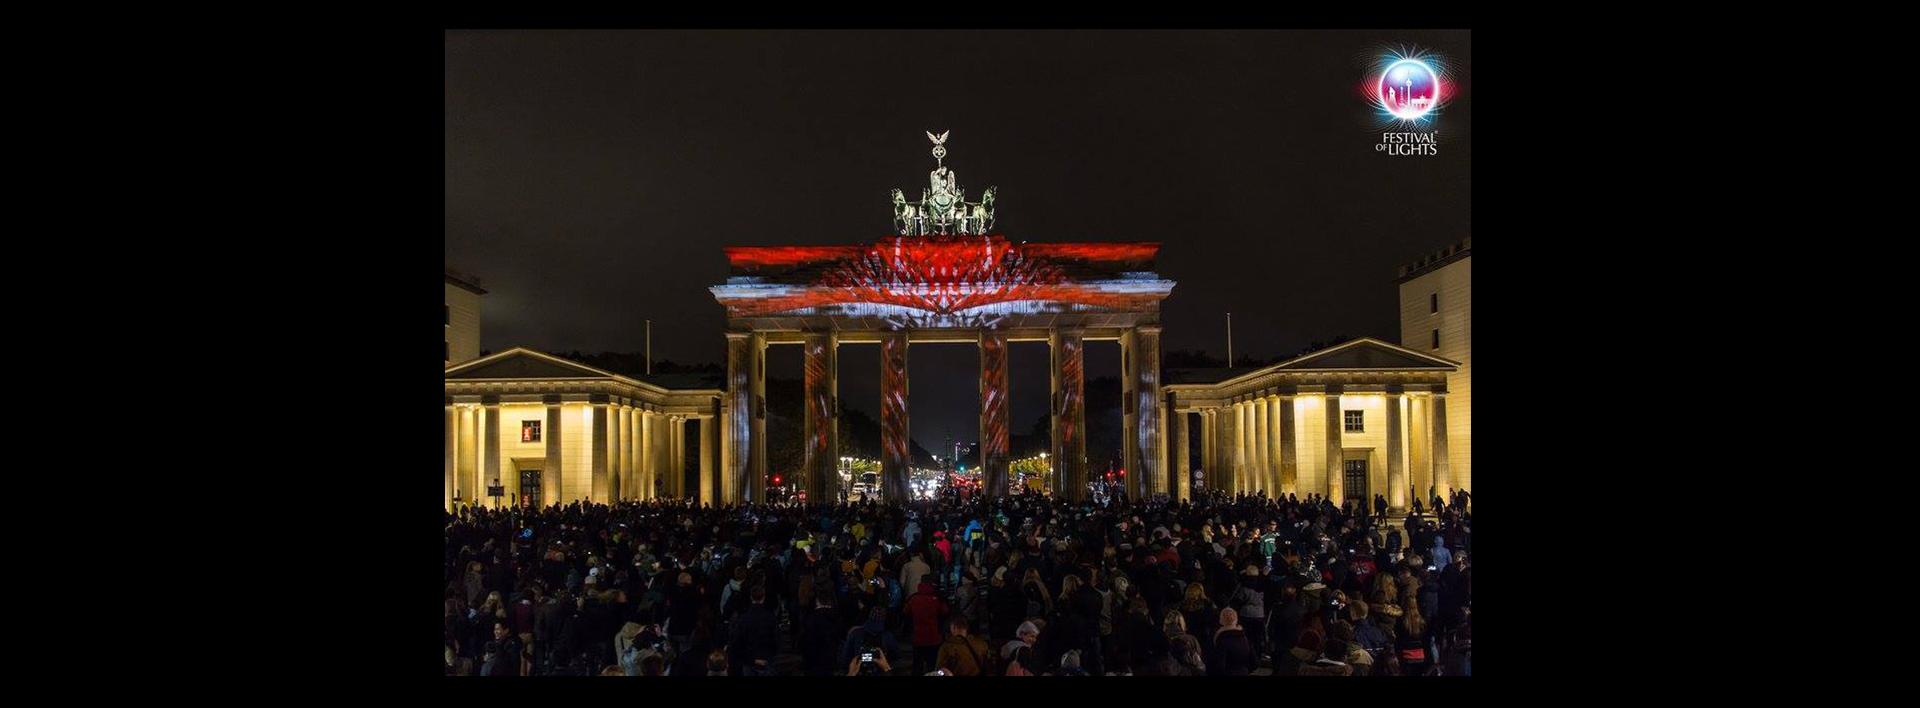 berlin-web_3